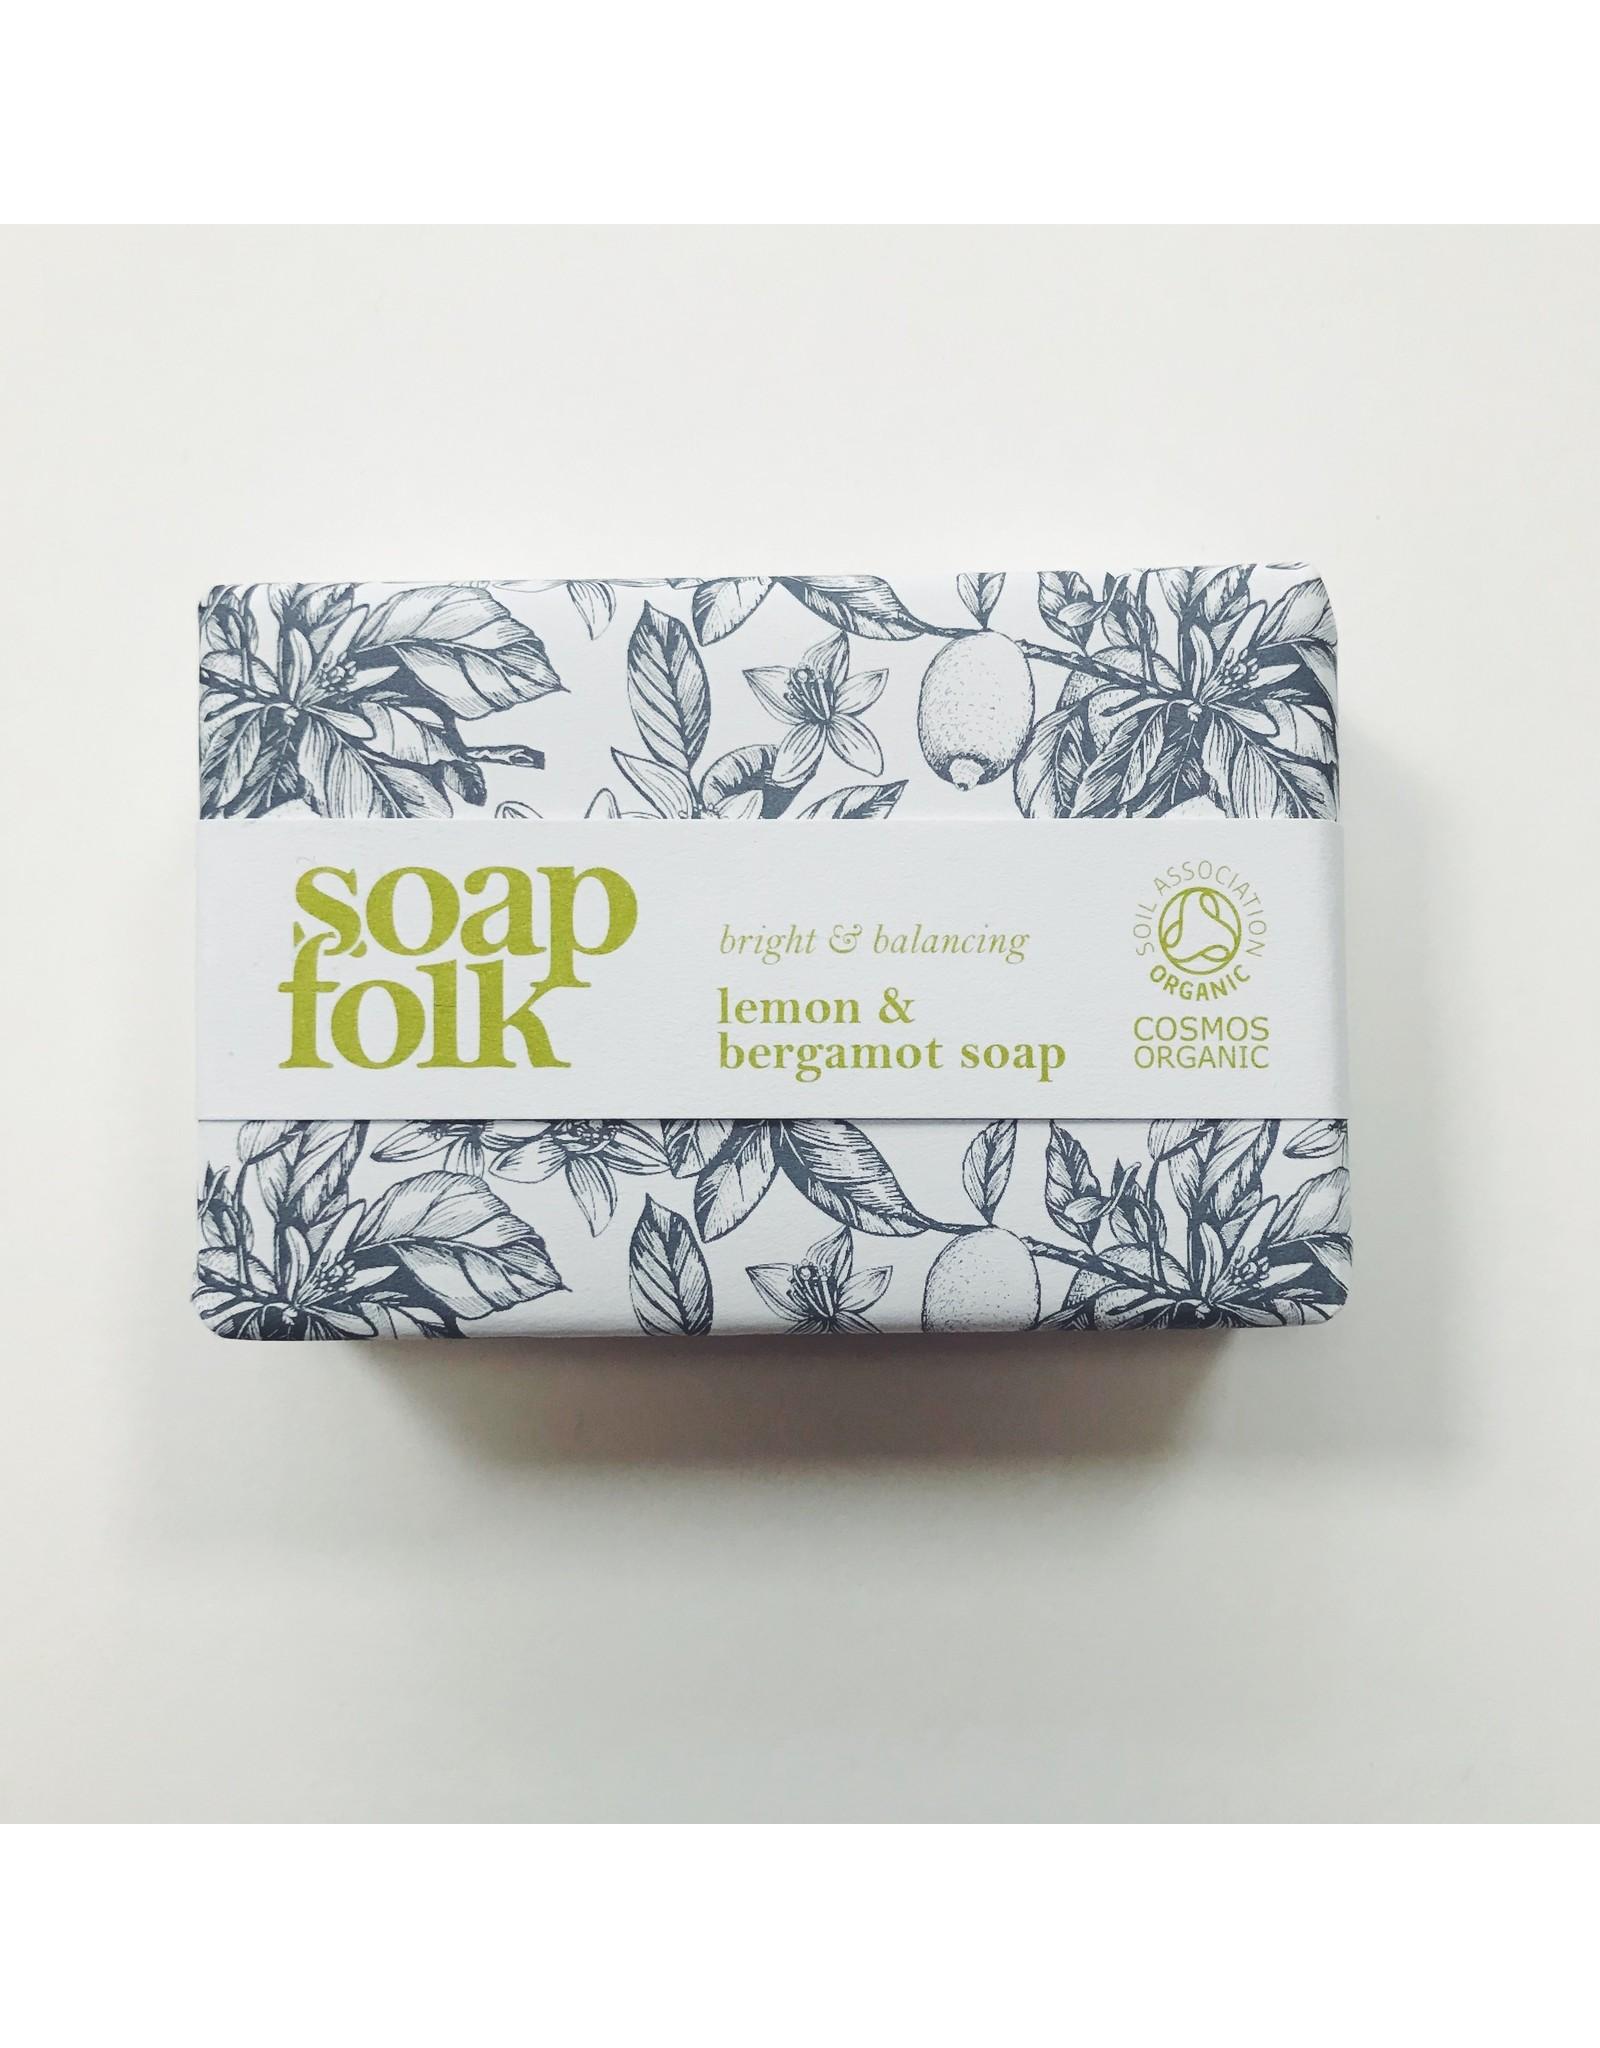 Organic Soap Folk Bar